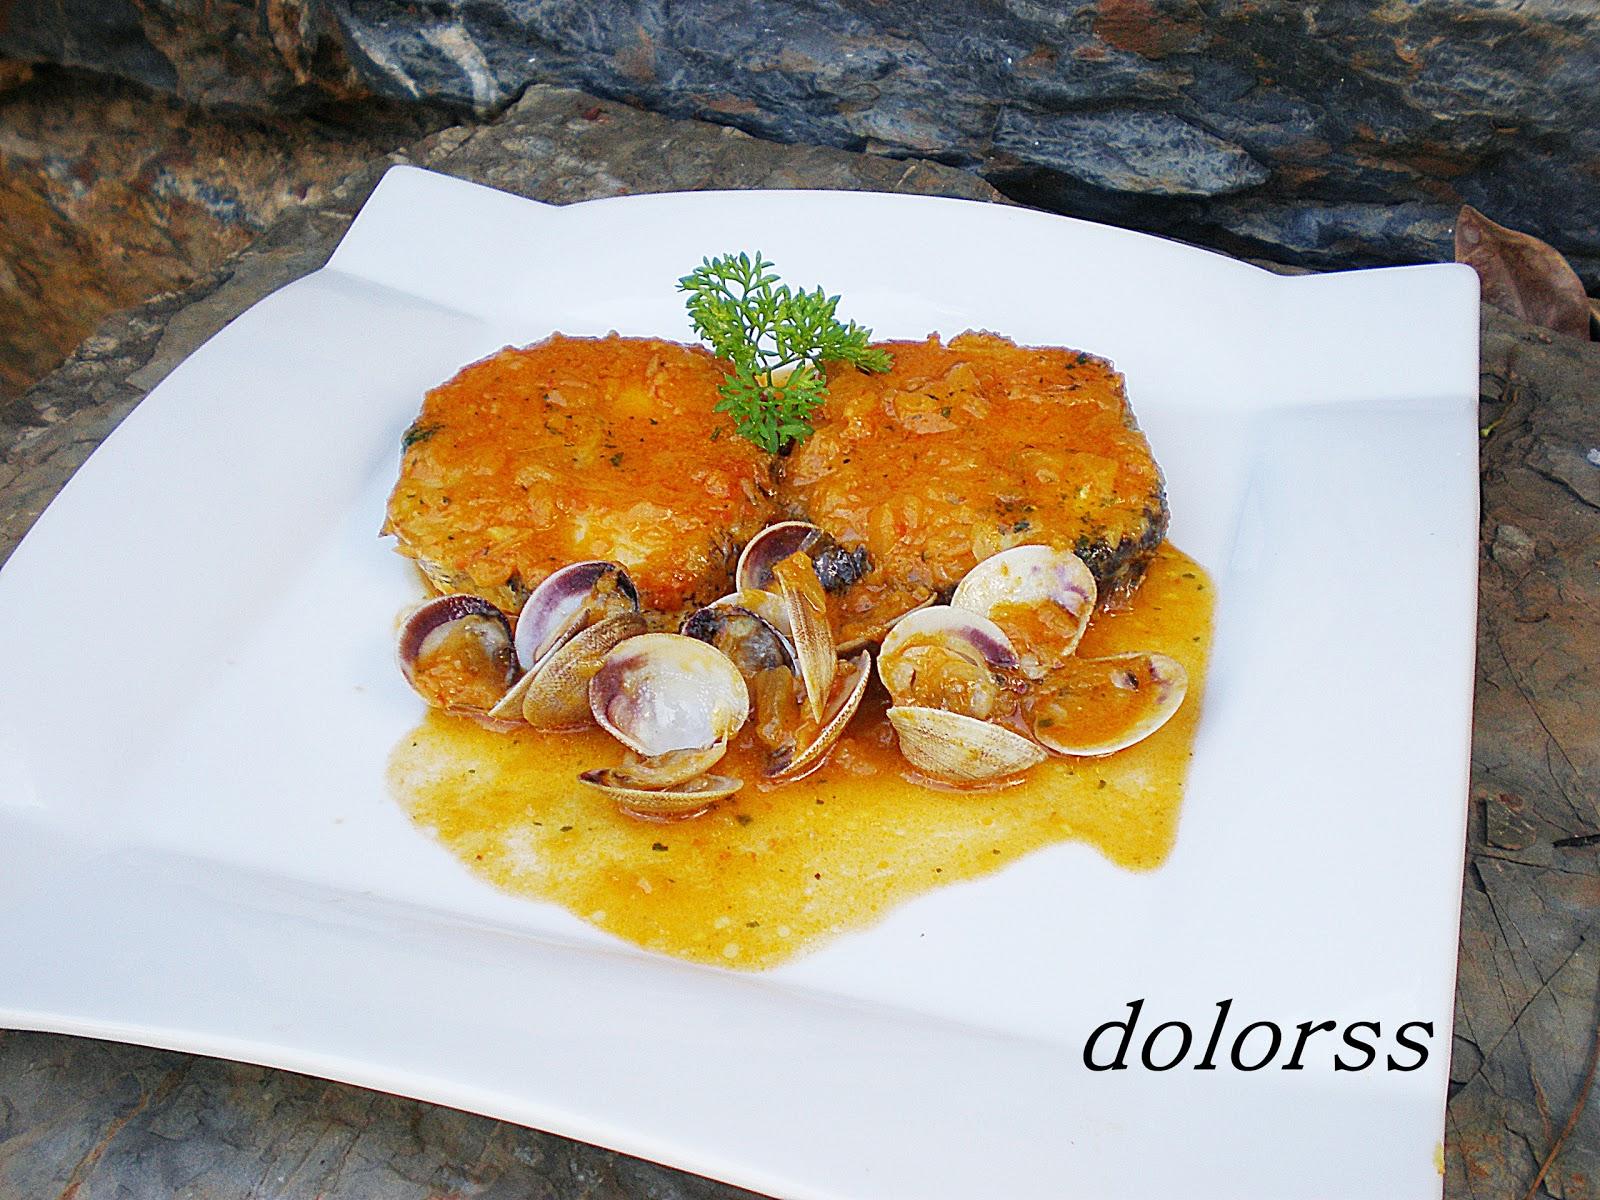 Blog de cuina de la dolorss merluza en salsa de la buena - Cocinar merluza en salsa ...